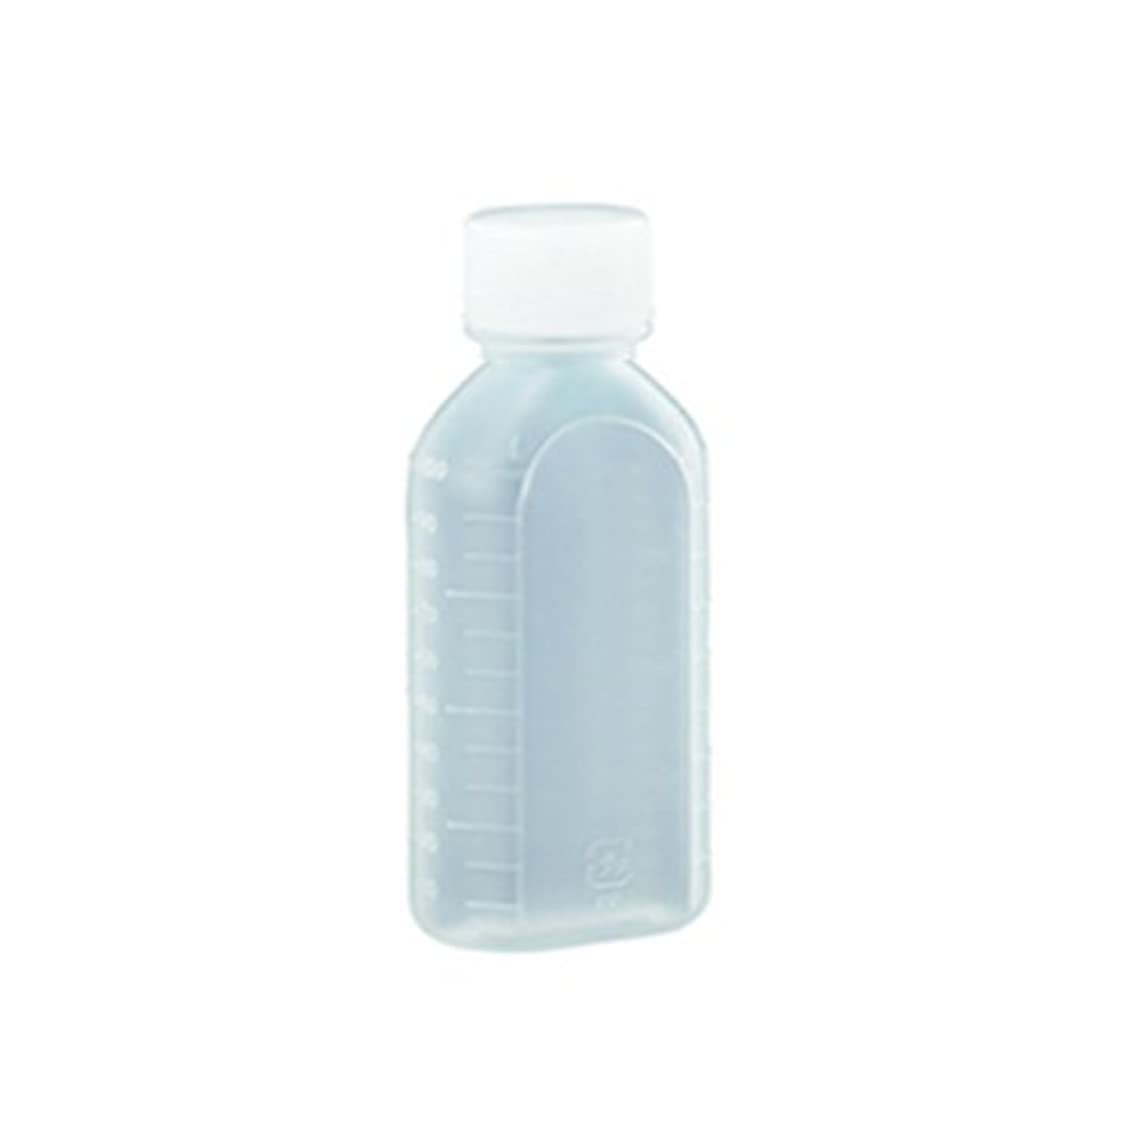 暫定擬人手順B型投薬瓶 白 (60ml) 50本